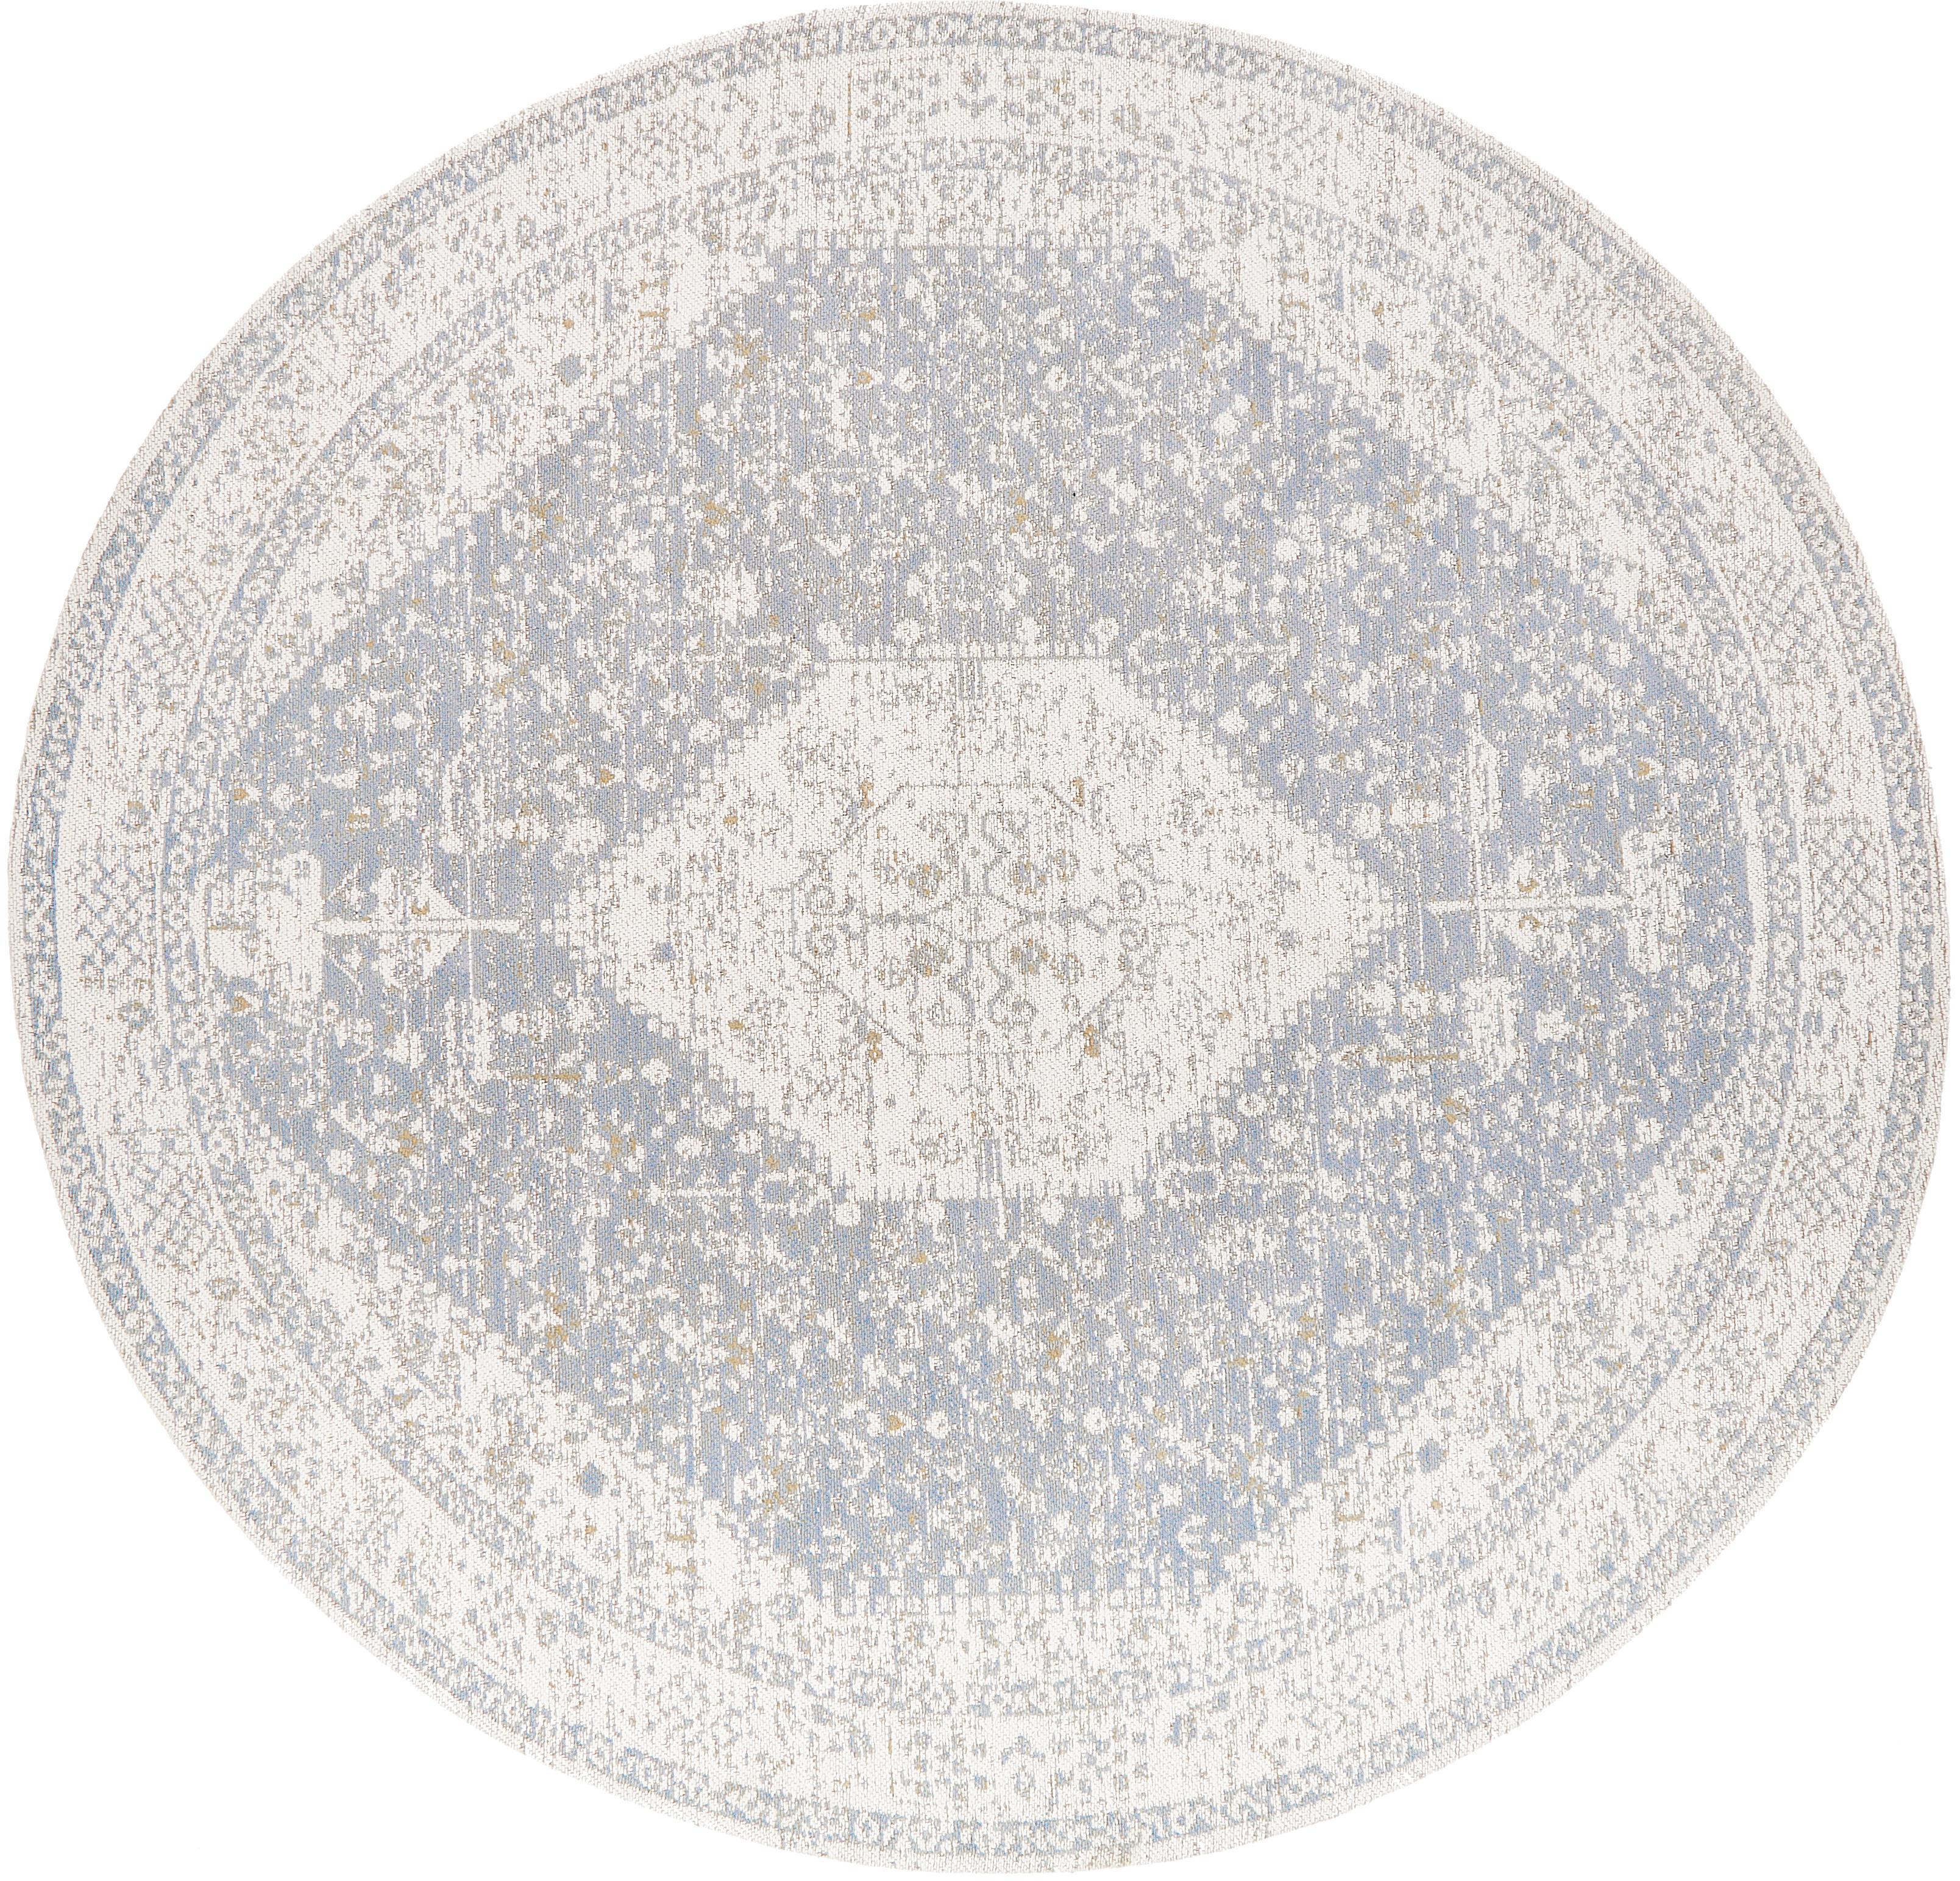 Runder Chenilleteppich Neapel im Vintage Style, handgewebt, Flor: 95% Baumwolle, 5% Polyest, Hellgrau, Creme, Taupe, Ø 150 cm (Grösse M)